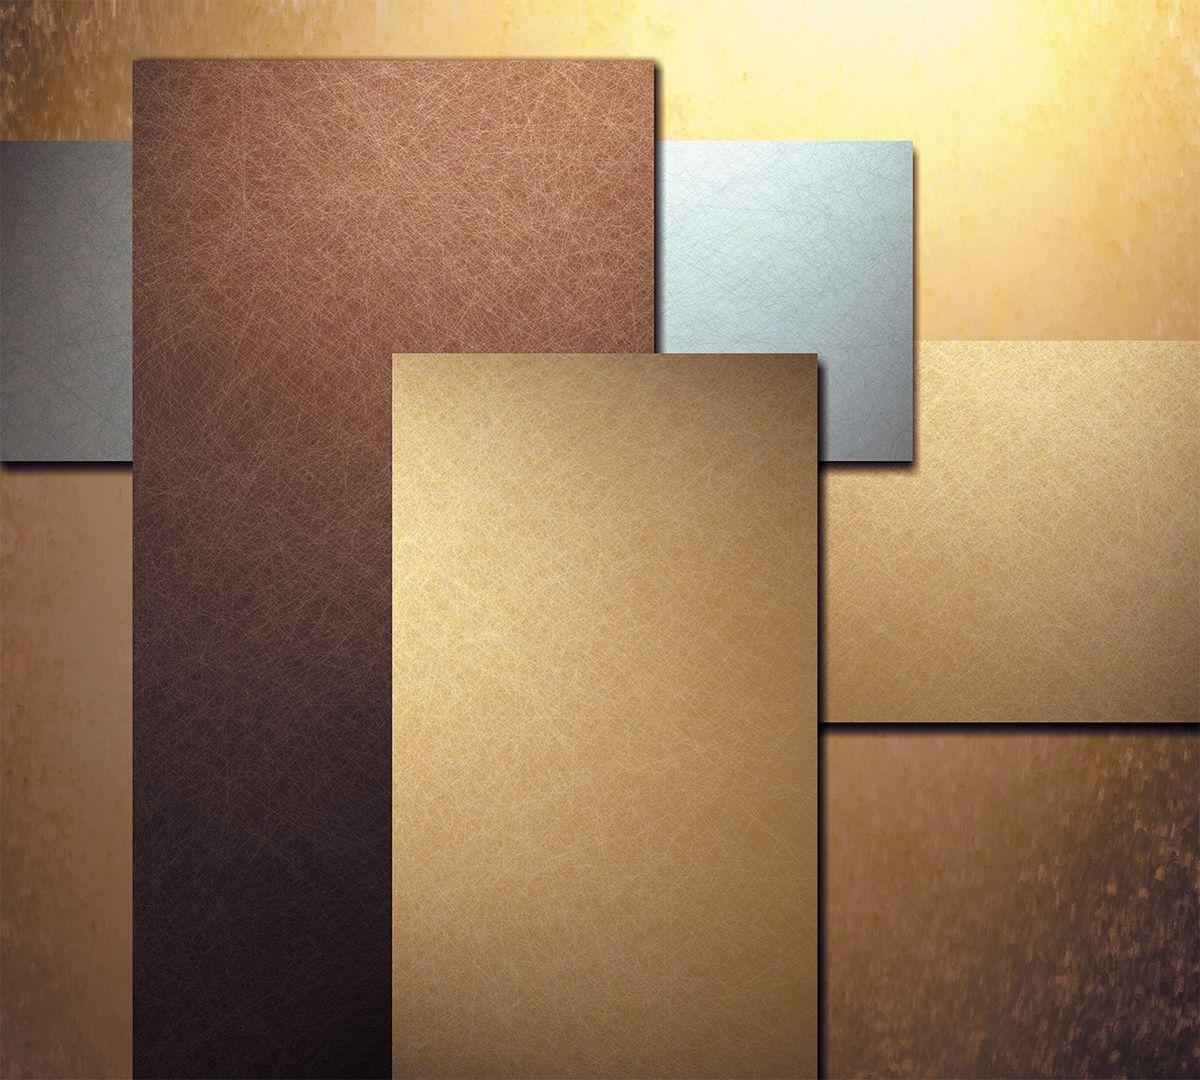 Фотообои флизелиновые Milan Золото, текстурные, 3 х 2,7 мM 339Текстурные флизелиновые фотообои Milan Золото позволят создать неповторимый облик помещения, в котором они размещены. Milan — дизайнерская коллекция фотообоев и фотопанно европейского качества, созданная на основе последних тенденций в мире интерьерной моды. Еще вчера эти тренды демонстрировались на подиумах столицы моды, а сегодня они нашли реализацию в декоре стен. Фотообои Milan реализуют концепцию доступности Моды для жителей больших и маленьких городов. Фотообои Milan — мода для стен, доступная каждому! Монтаж: Клеи Quelid Murale, Хенкель Metylan Овалид Т и Pufas Security GK10 . Принцип монтажа: стык в стык.